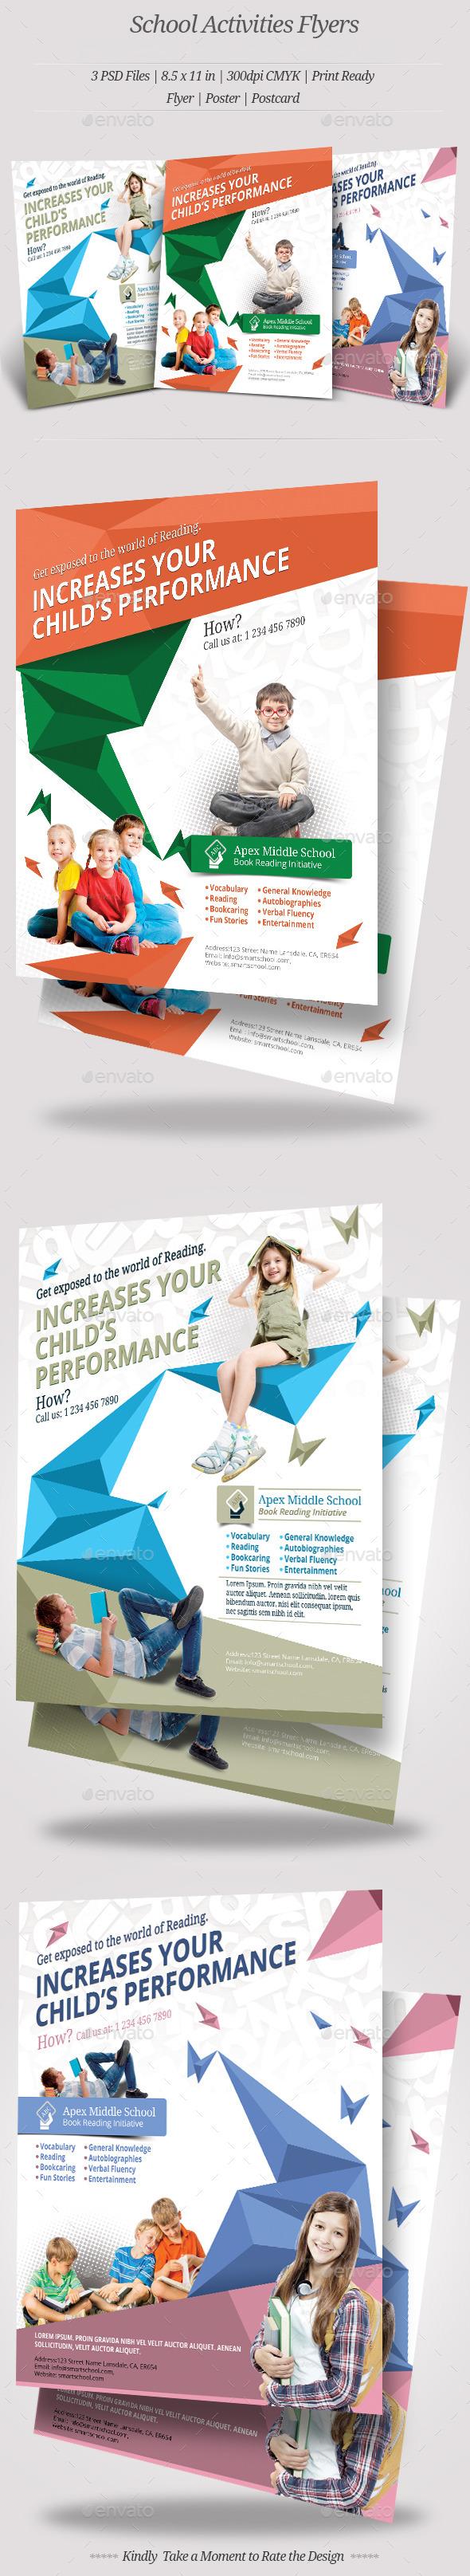 School Activities Flyer Templates - Flyers Print Templates